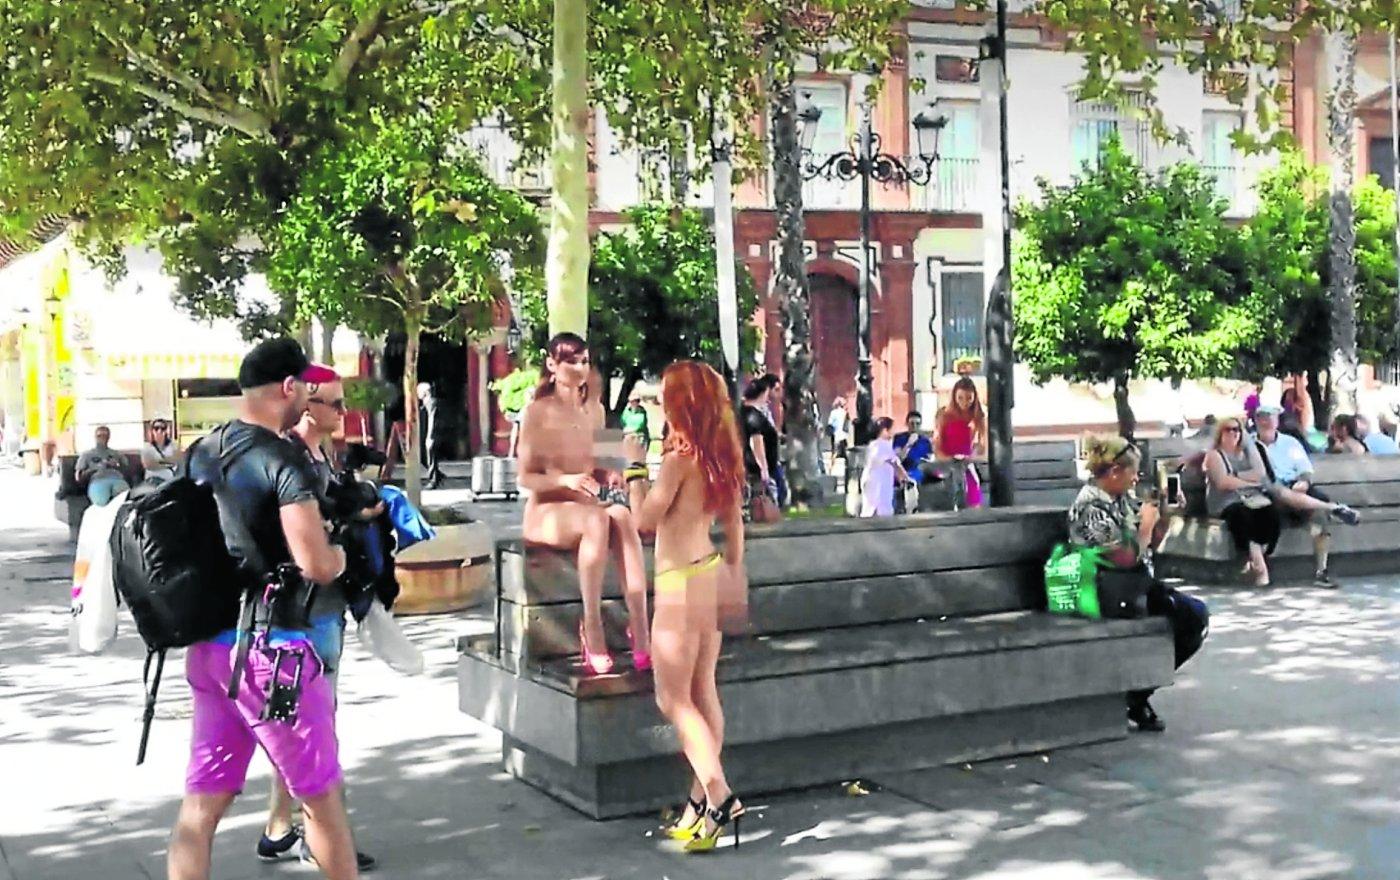 Actrices Porno En Madrid En Plena Calle el porno salta a la calle   el diario vasco